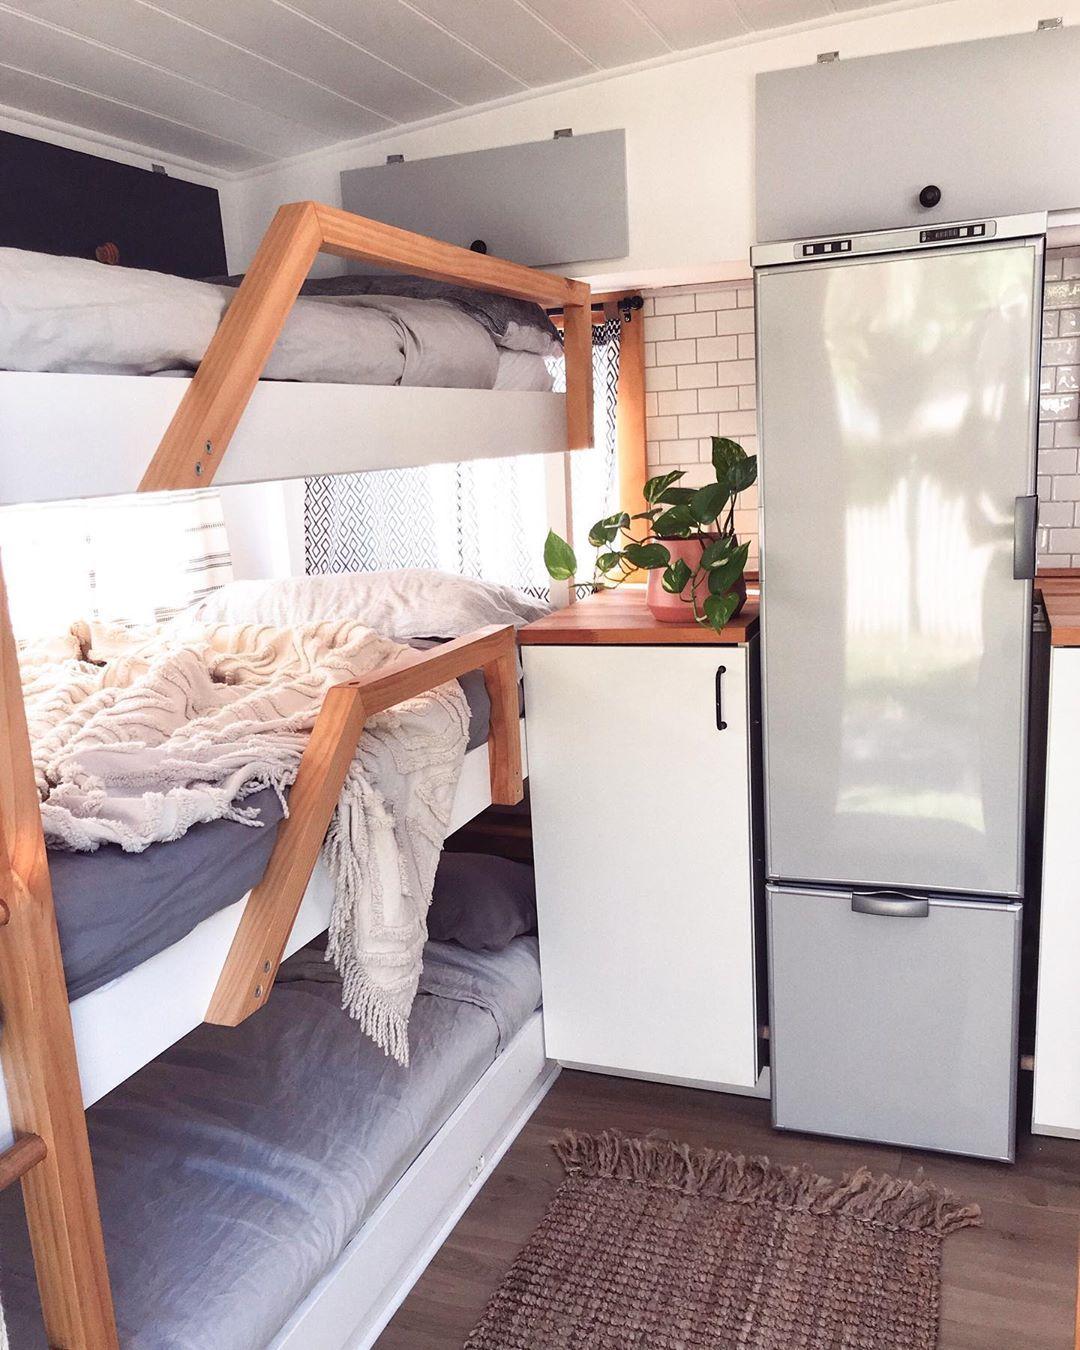 Photo of Caravan Bunk Beds | Caravan Renovation Series